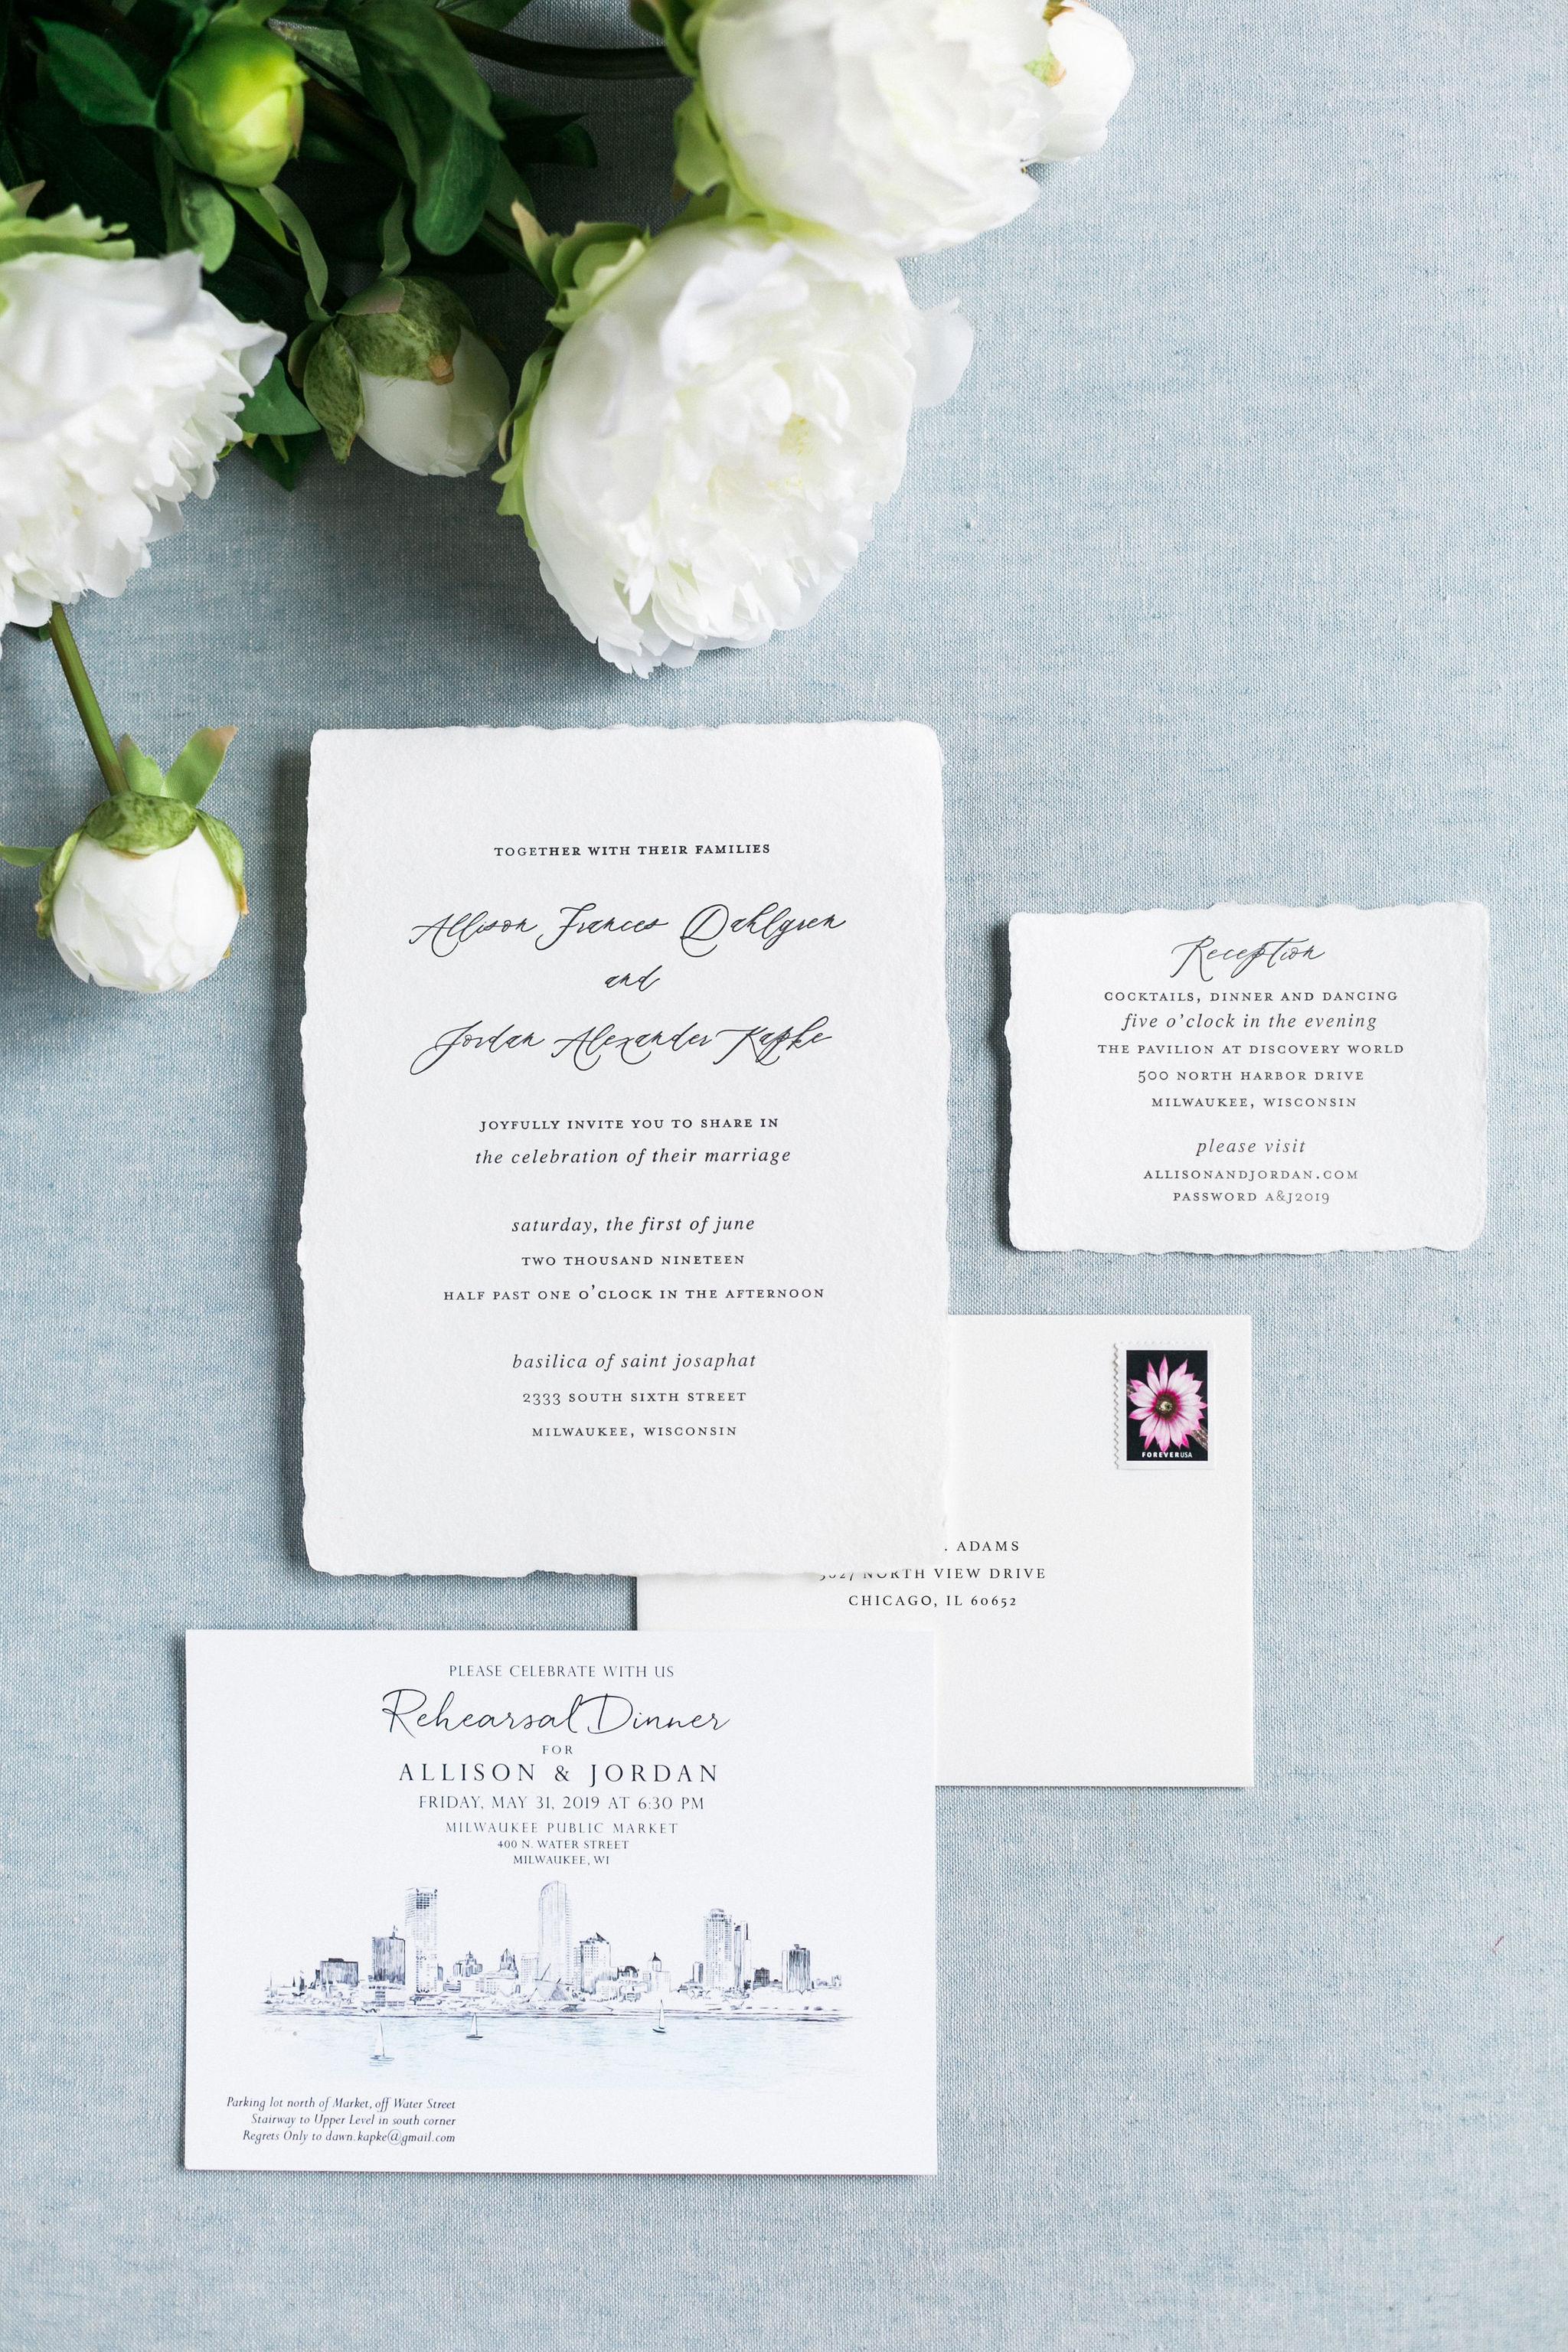 Allison Jordan Blue Fancy Events